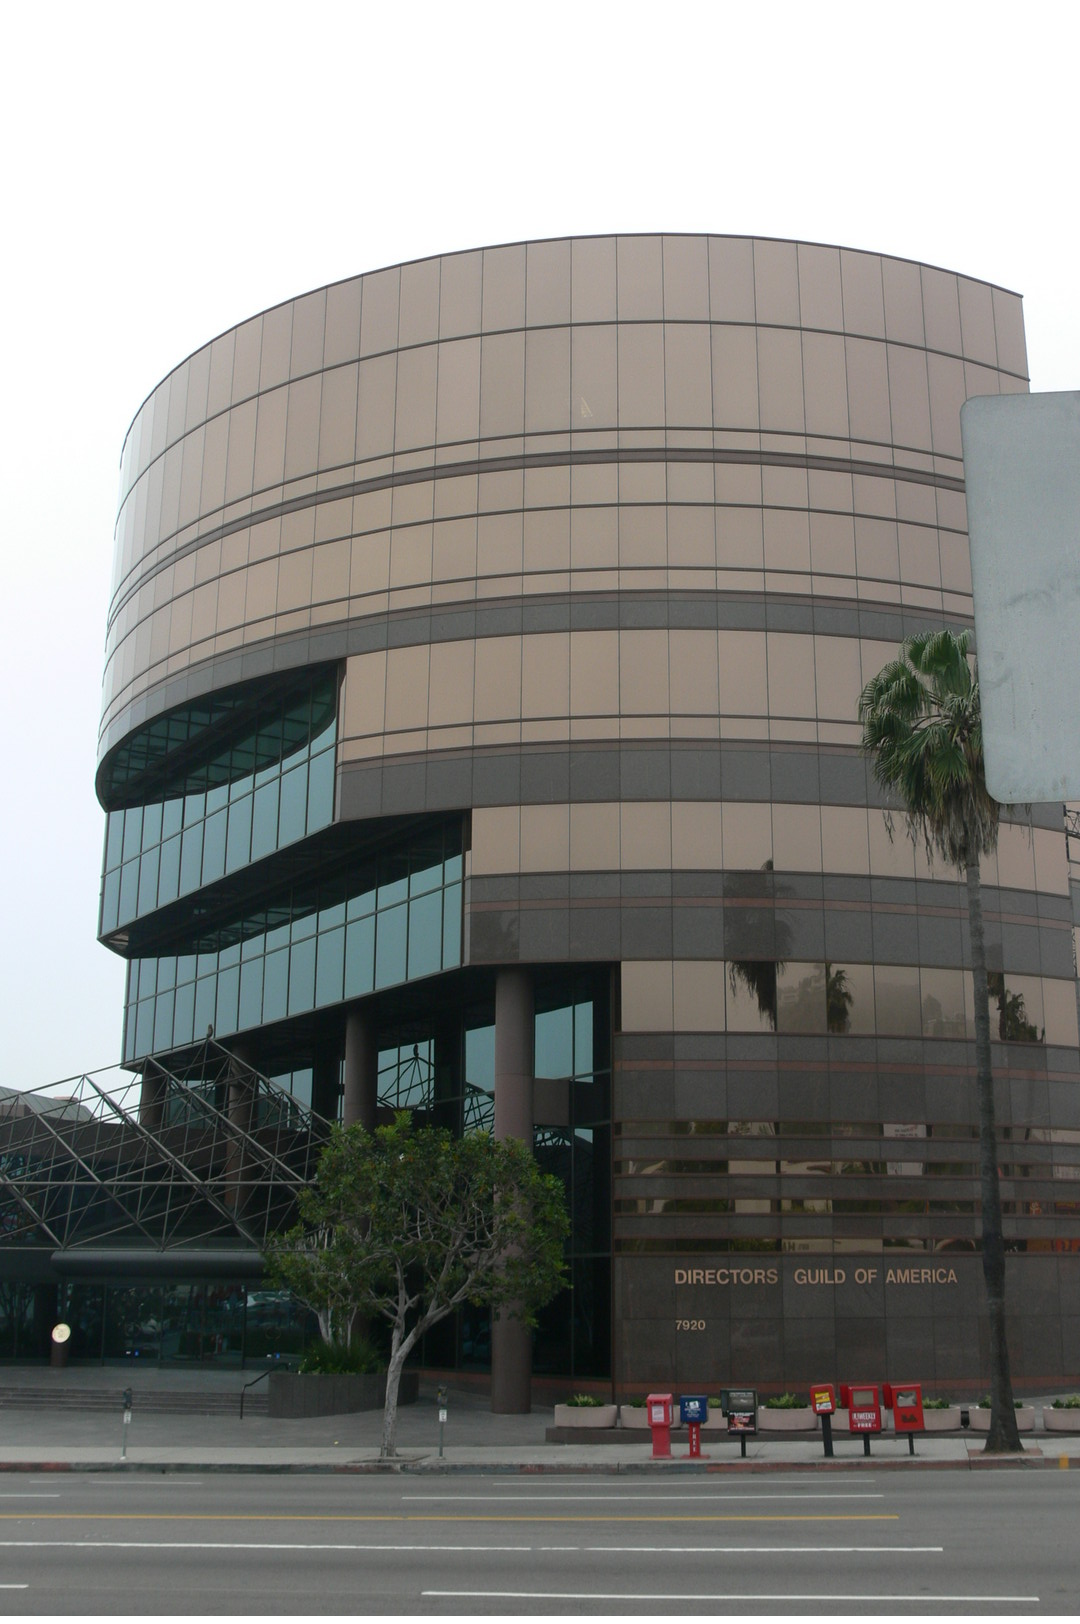 Directors Guild of America  Wikipedia